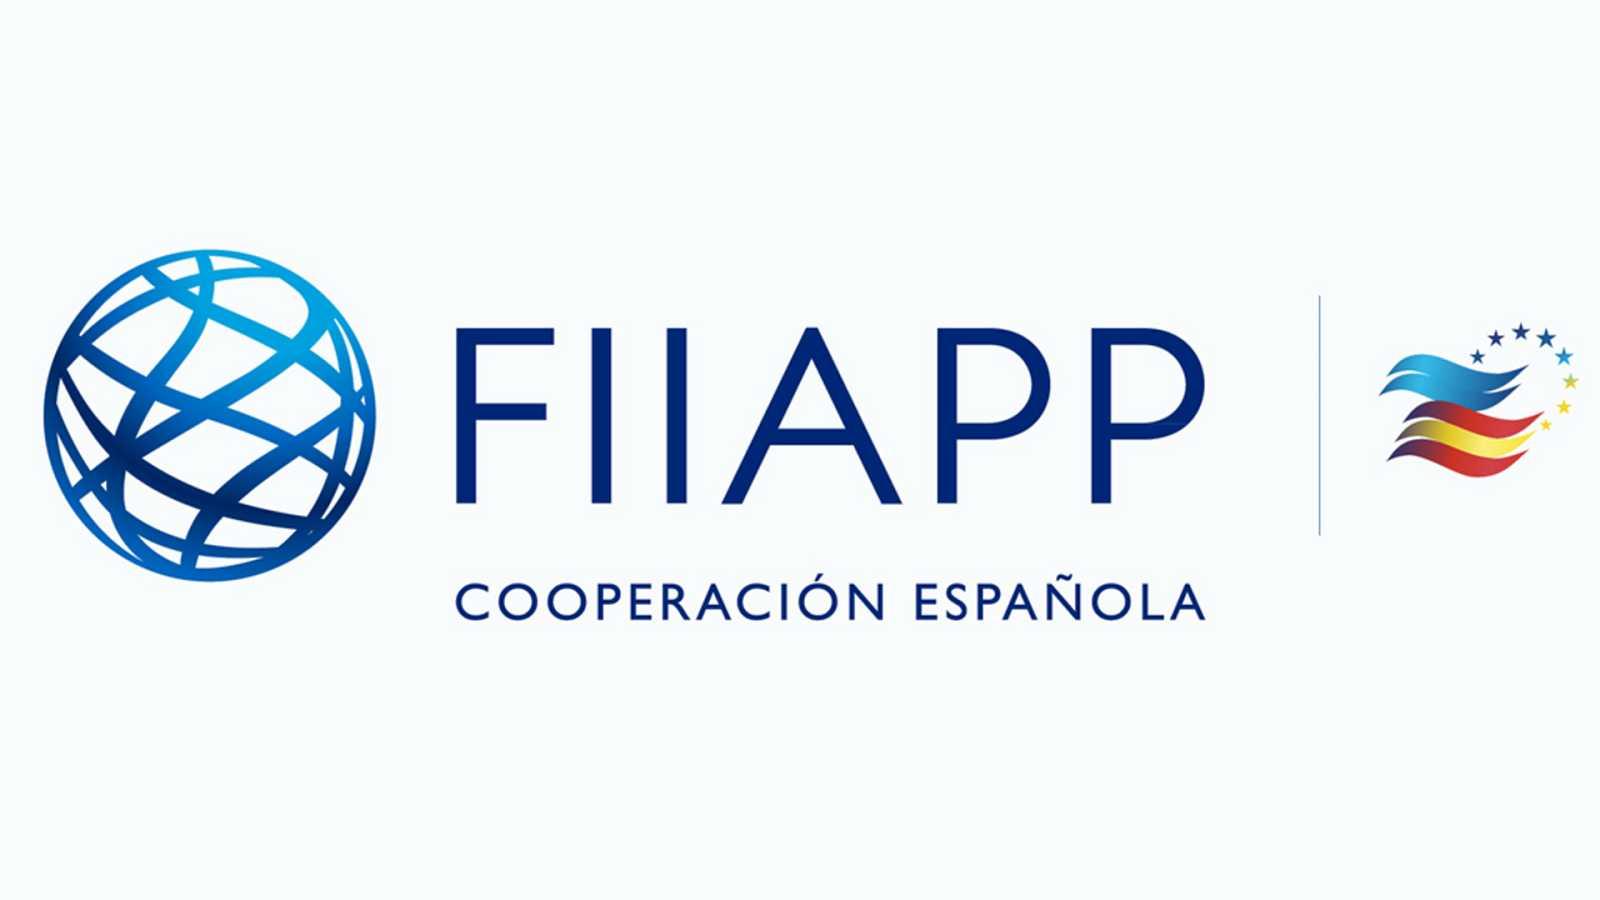 Cooperación pública en el mundo (FIIAPP) - Justicia y seguridad, un trabajo conjunto - 07/07/21 - escuchar ahora